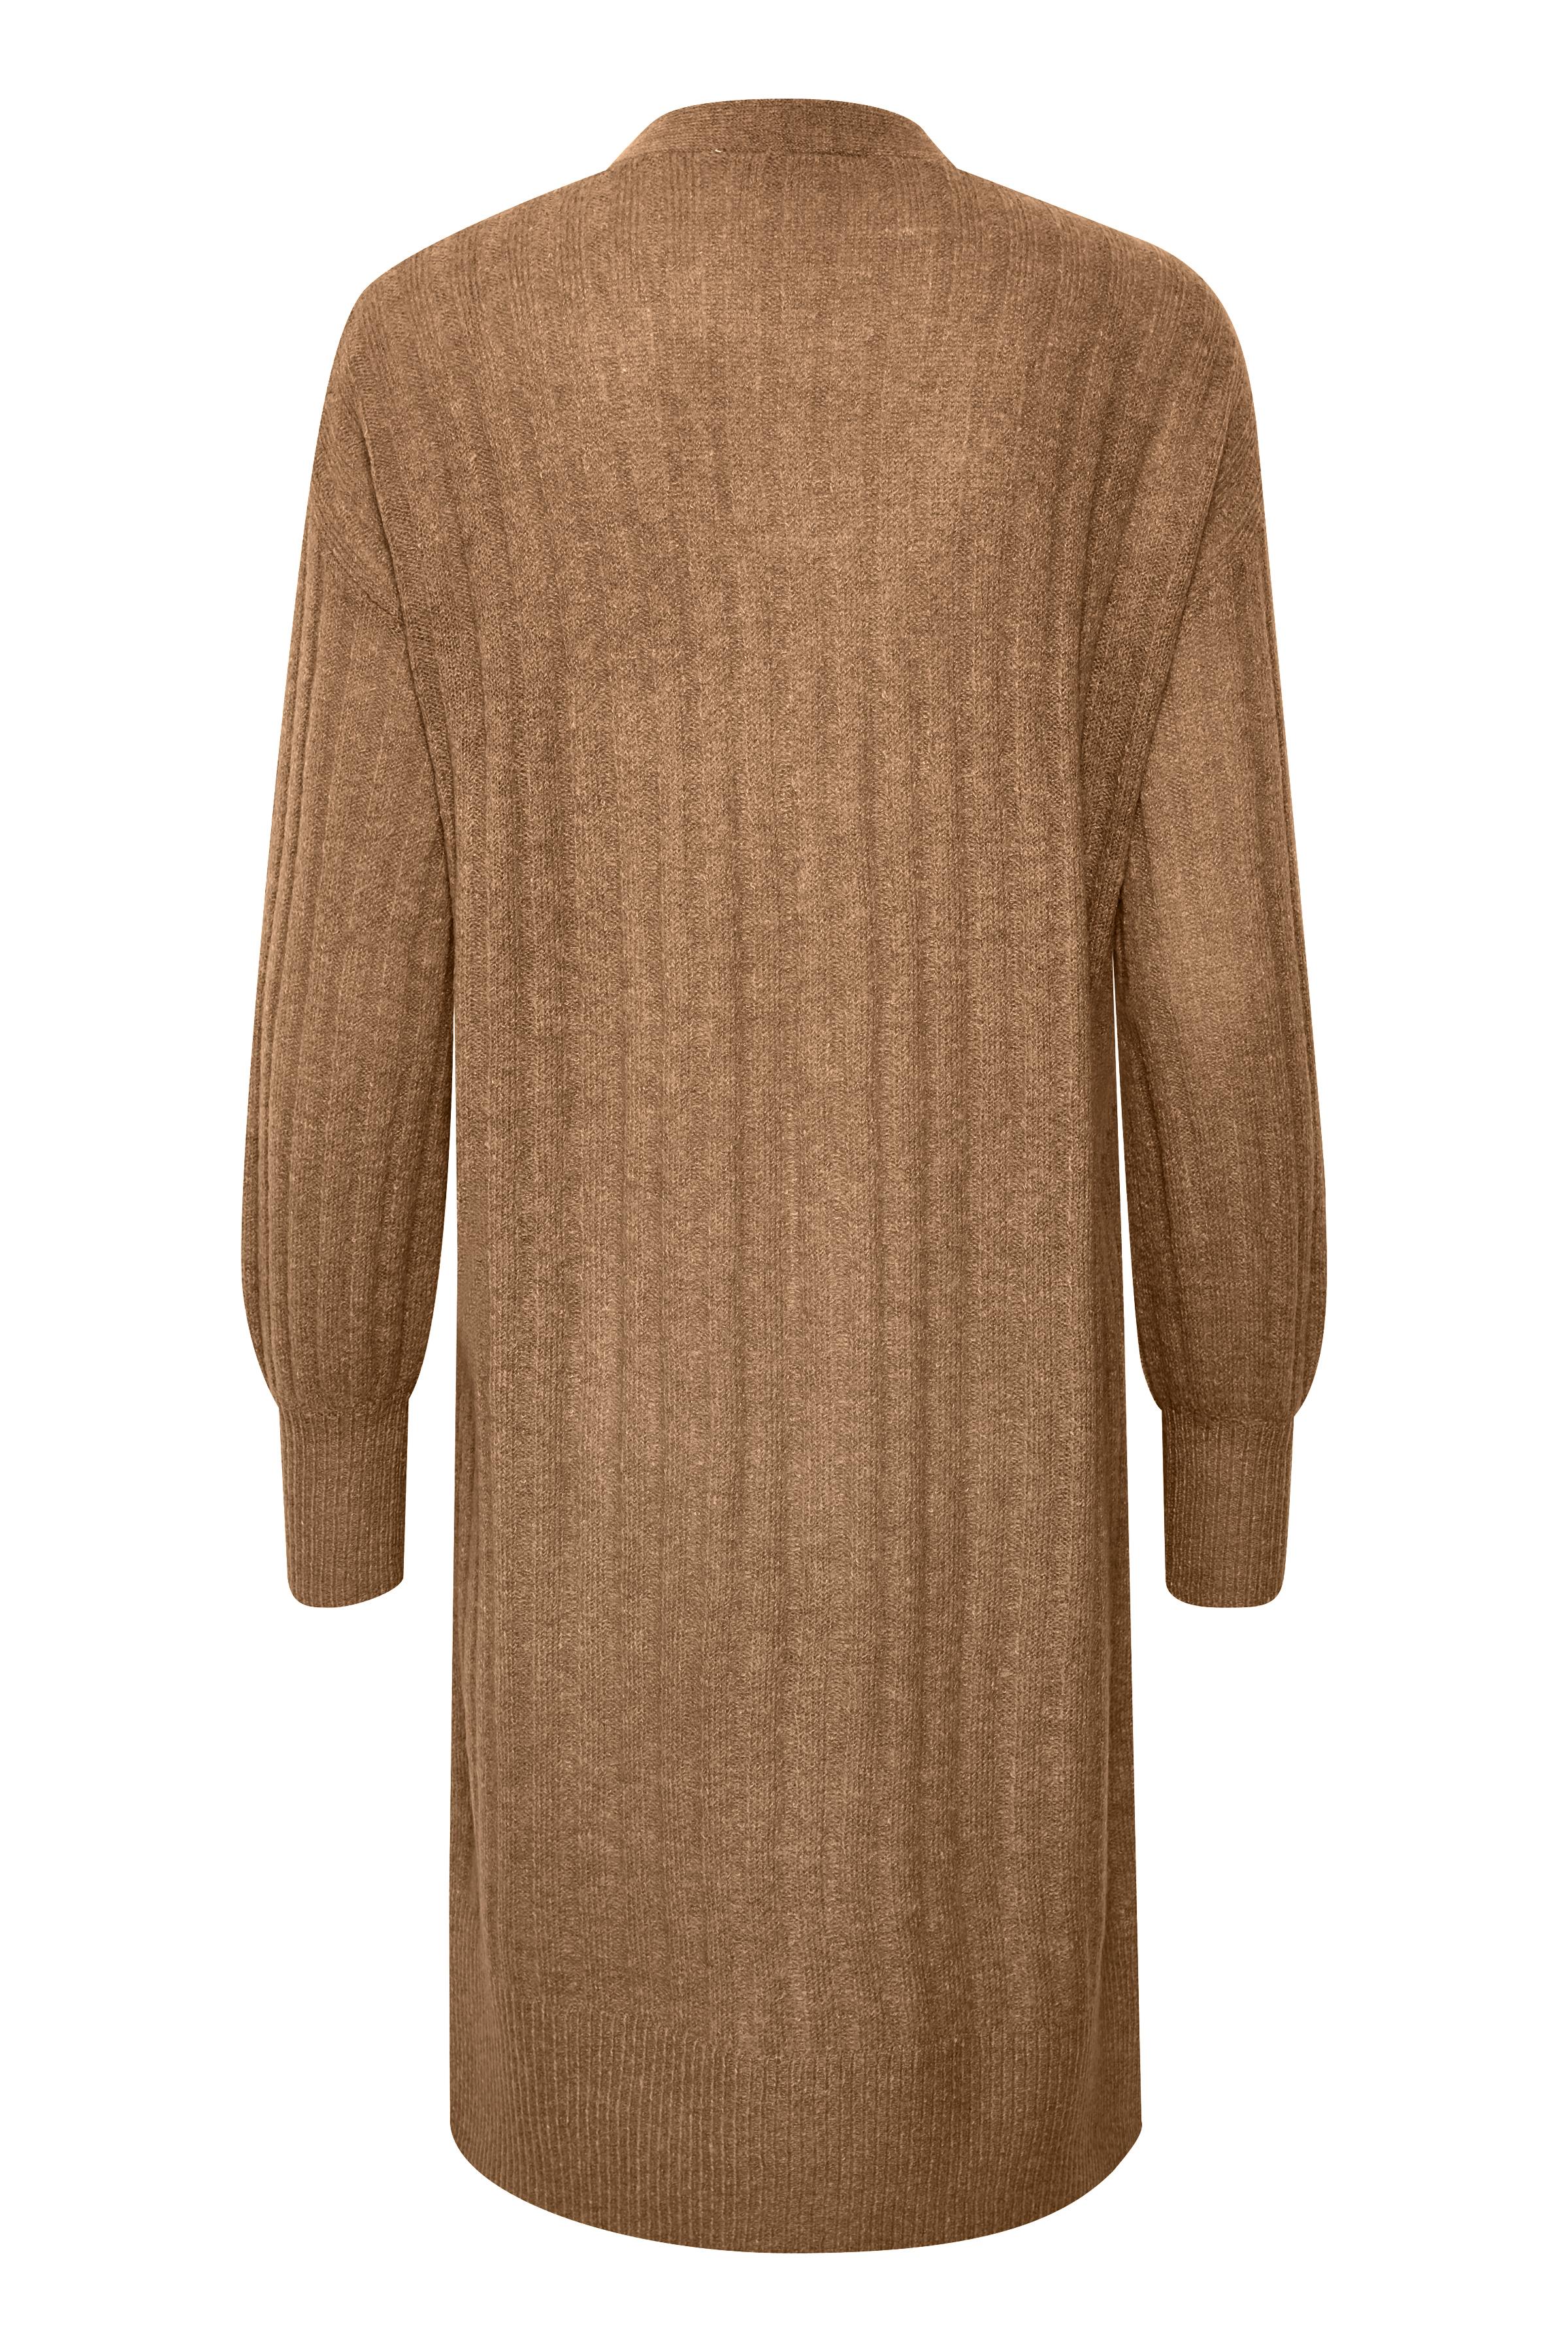 Camel Strick-Cardigan von Kaffe – Shoppen Sie Camel Strick-Cardigan ab Gr. XS-XXL hier